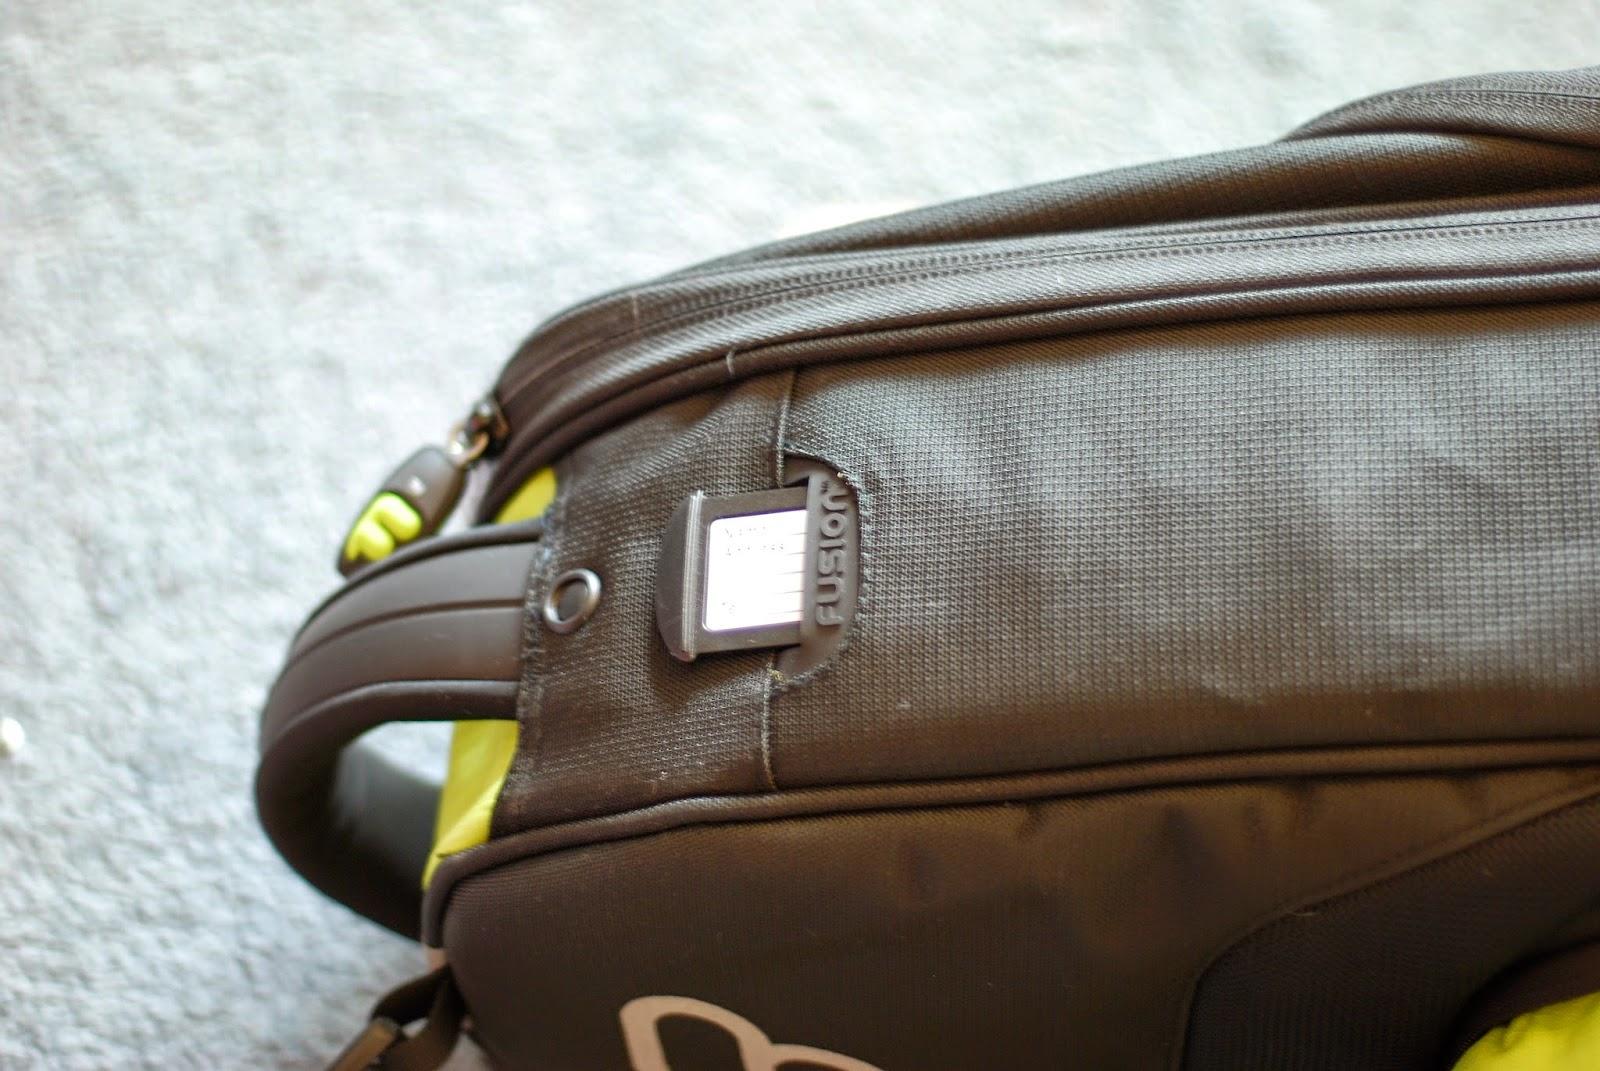 Fusion Premium Ukulele Gig Bag address tag and grab handle